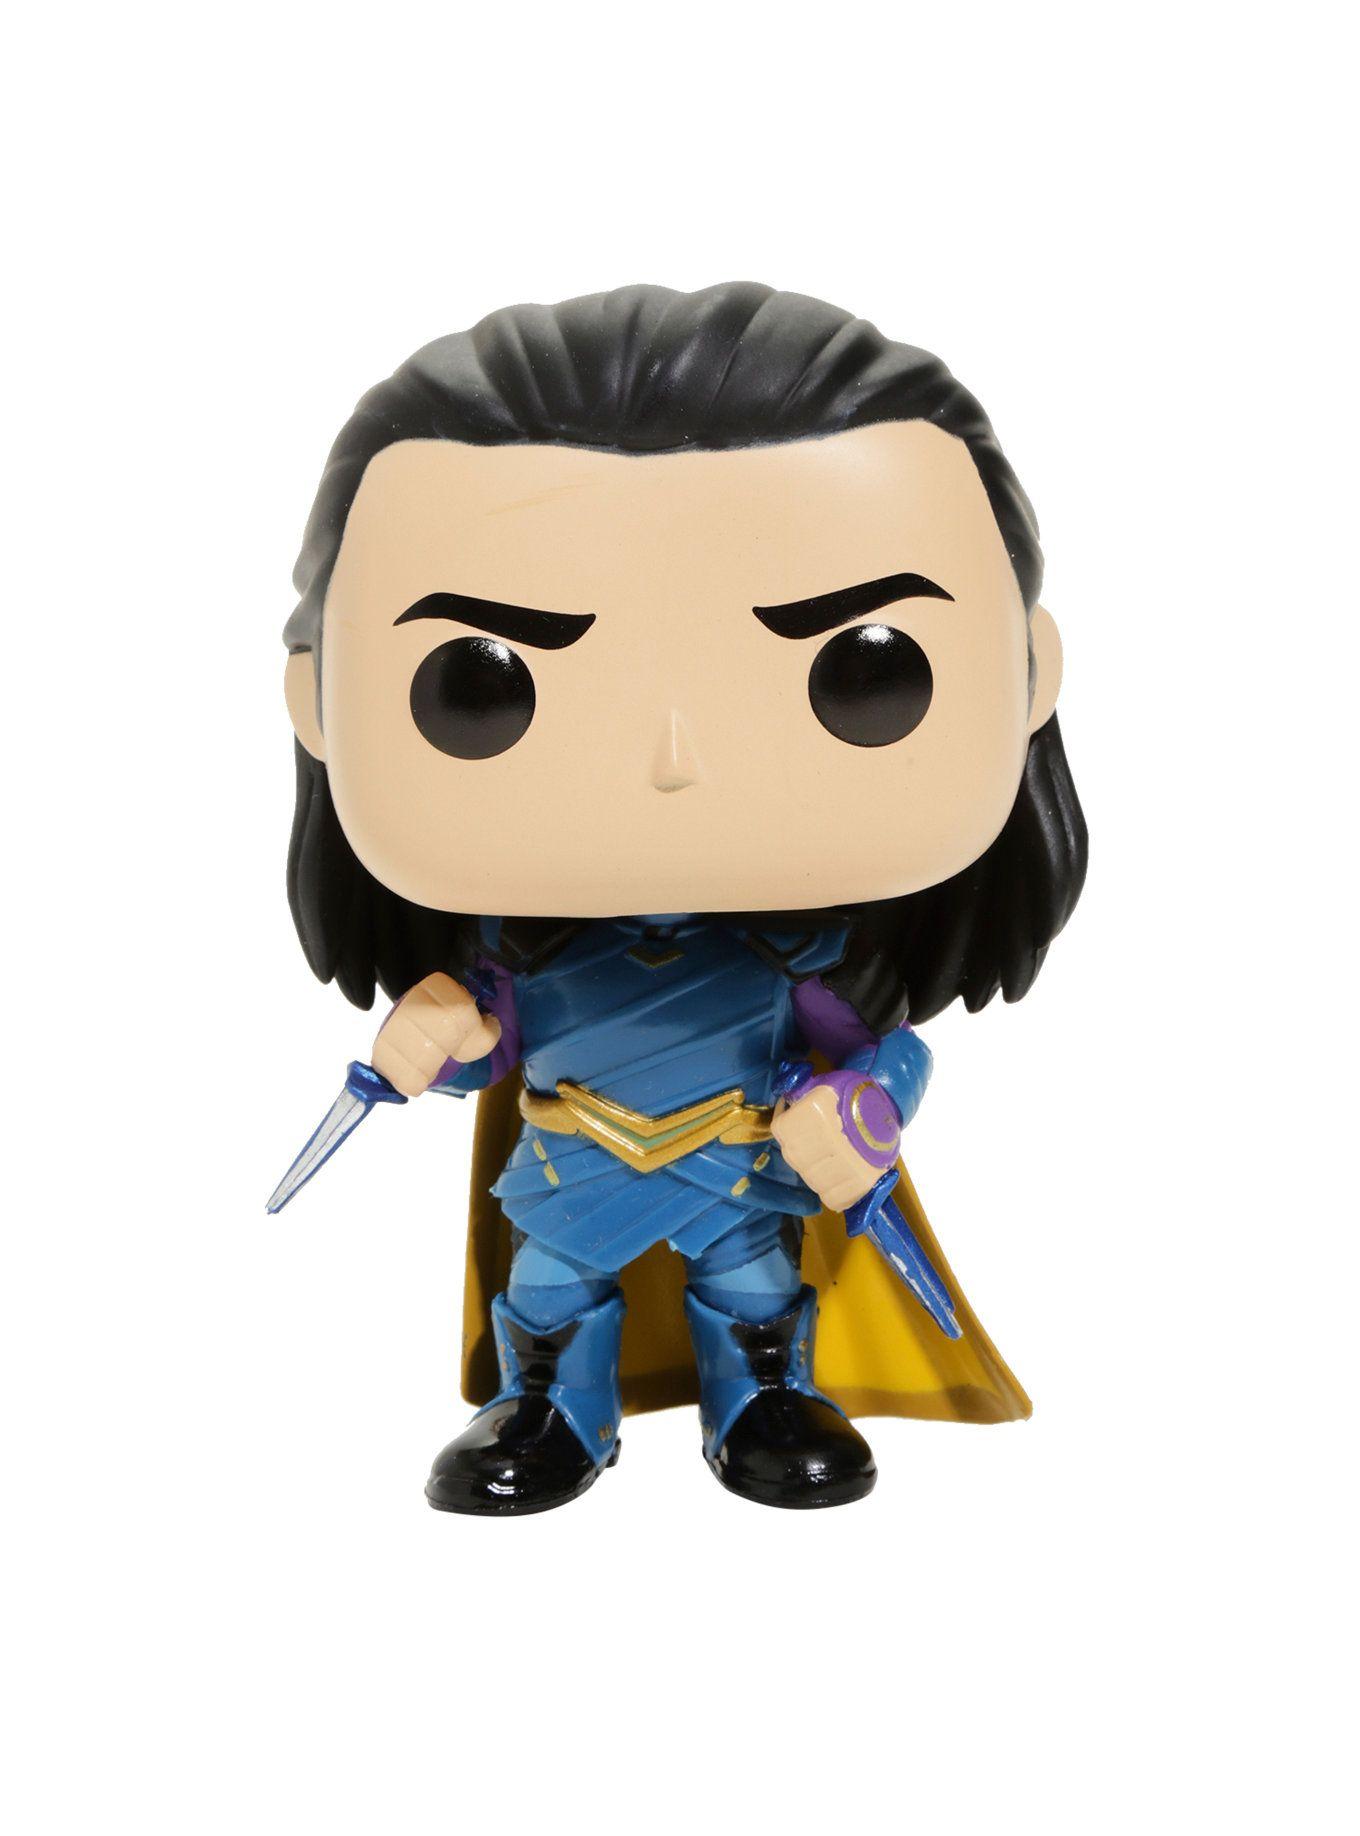 Loki #242 - Thor Ragnarok - Funko Pop! Marvel